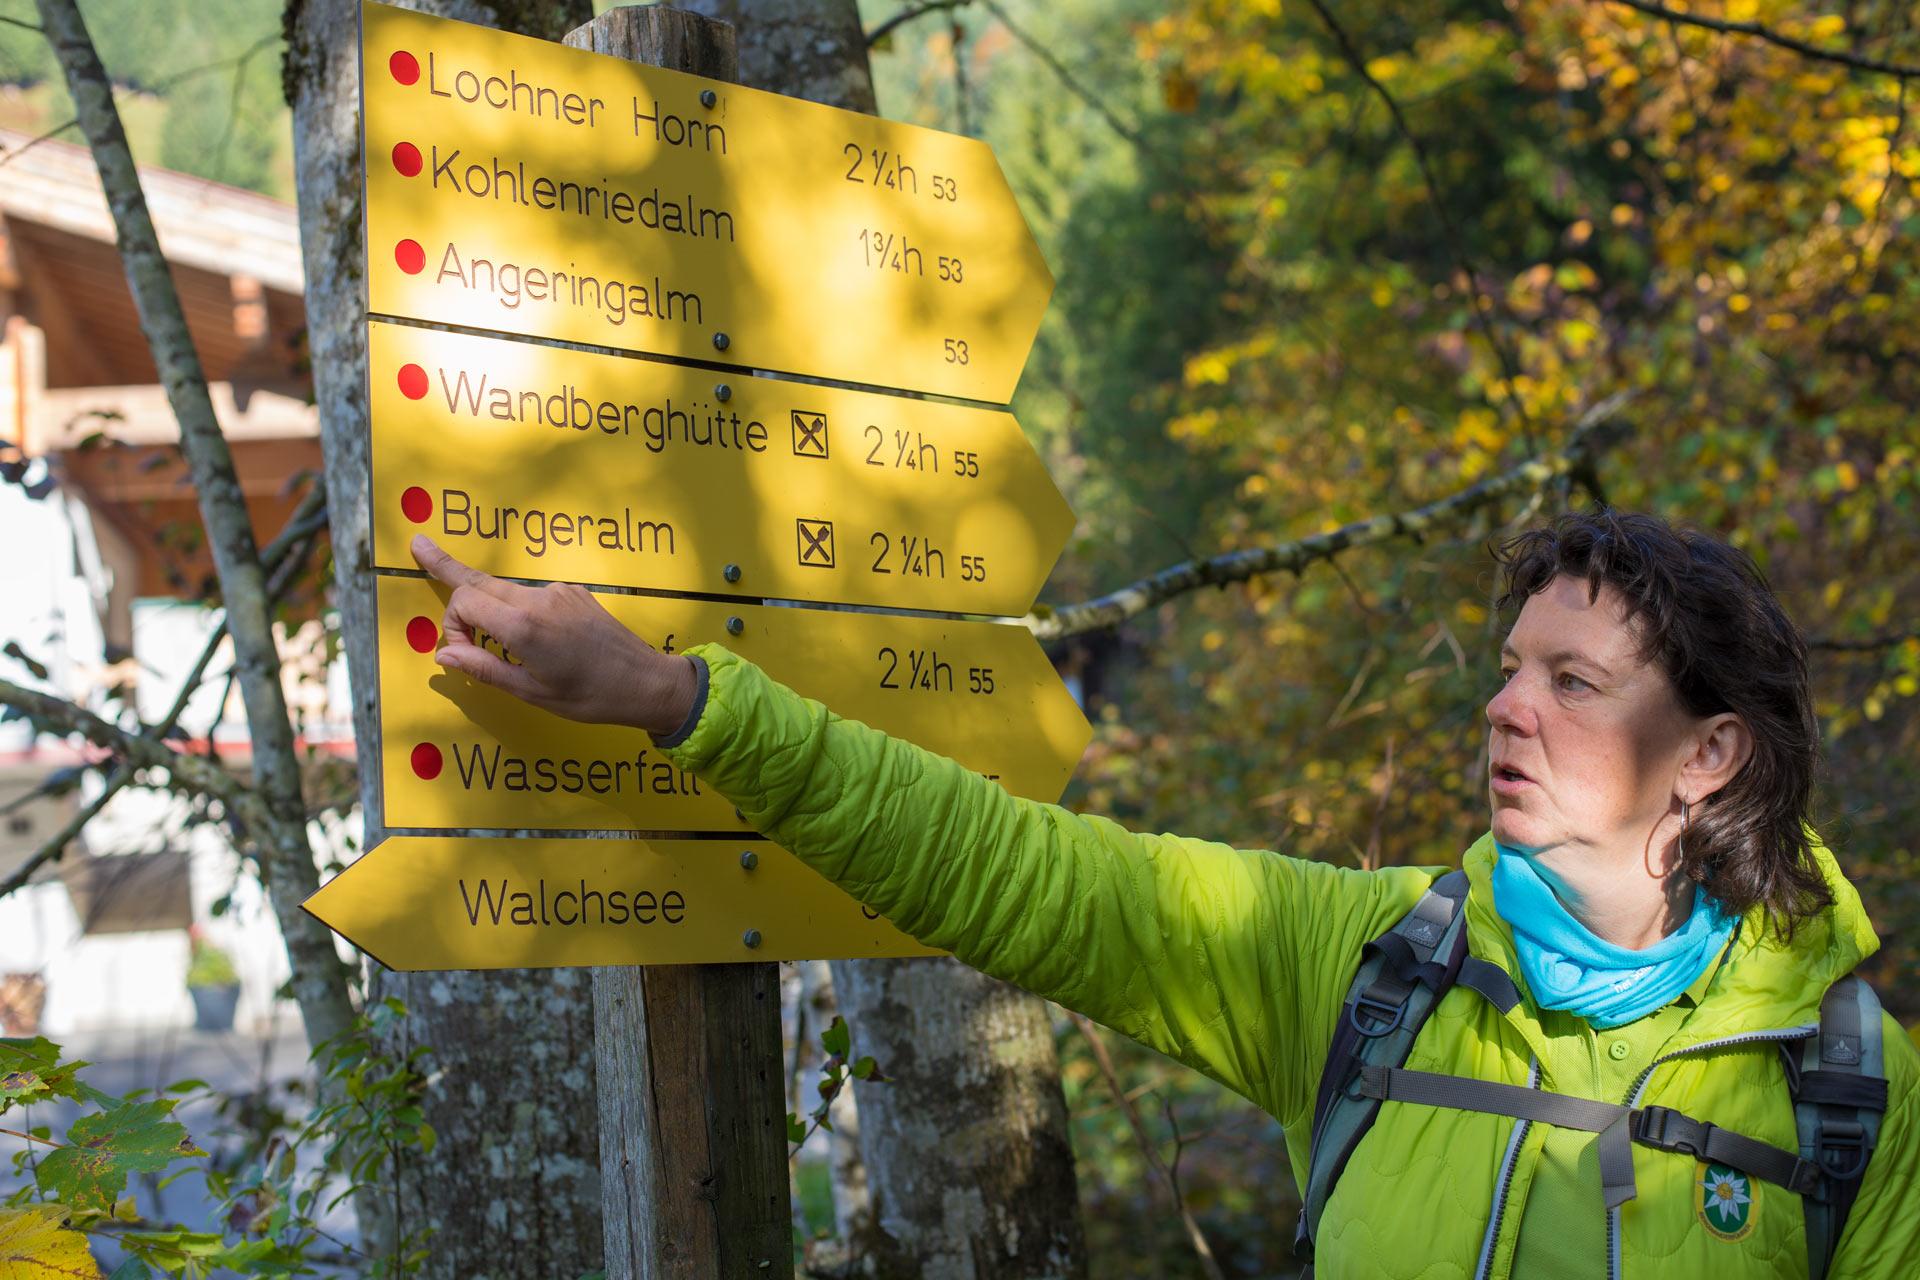 Hiking Guide Manuela Kalkhauser in the Tyrolean Kaiserwinkl